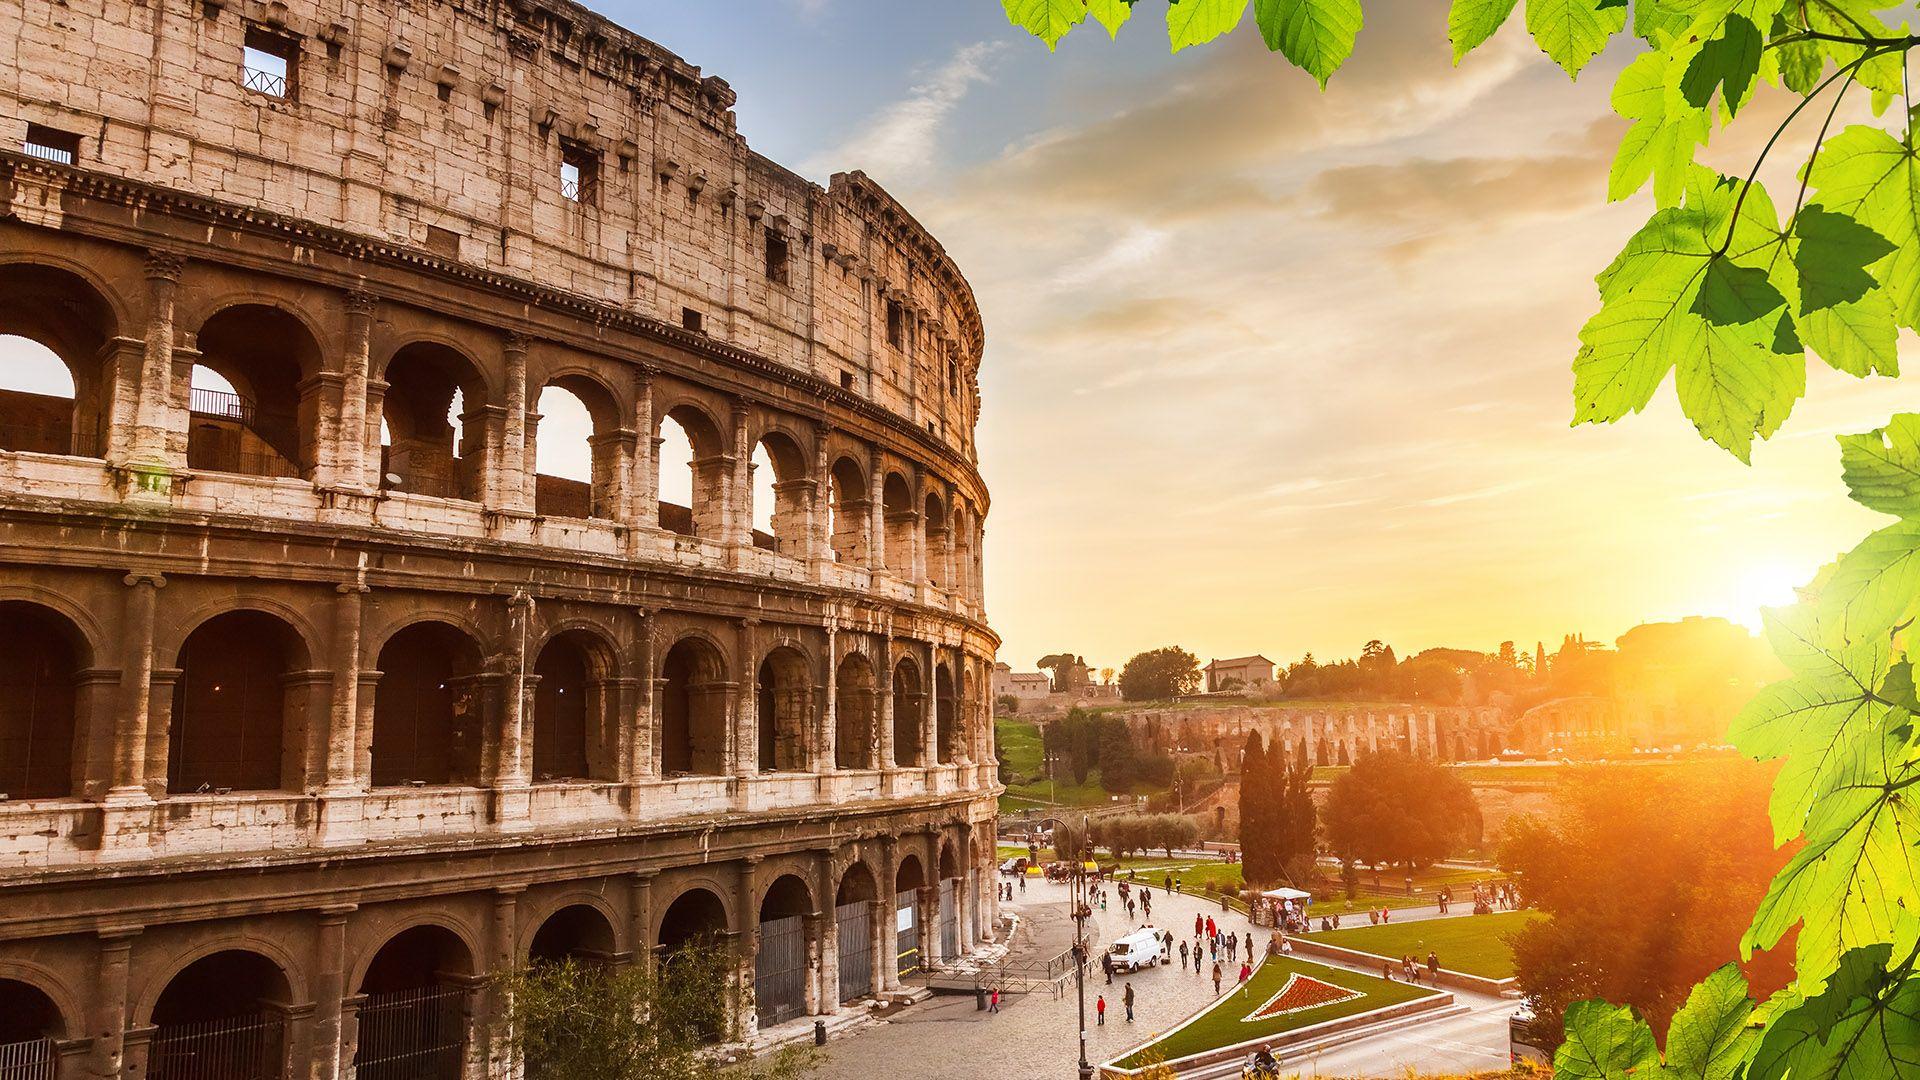 Rome picture hd